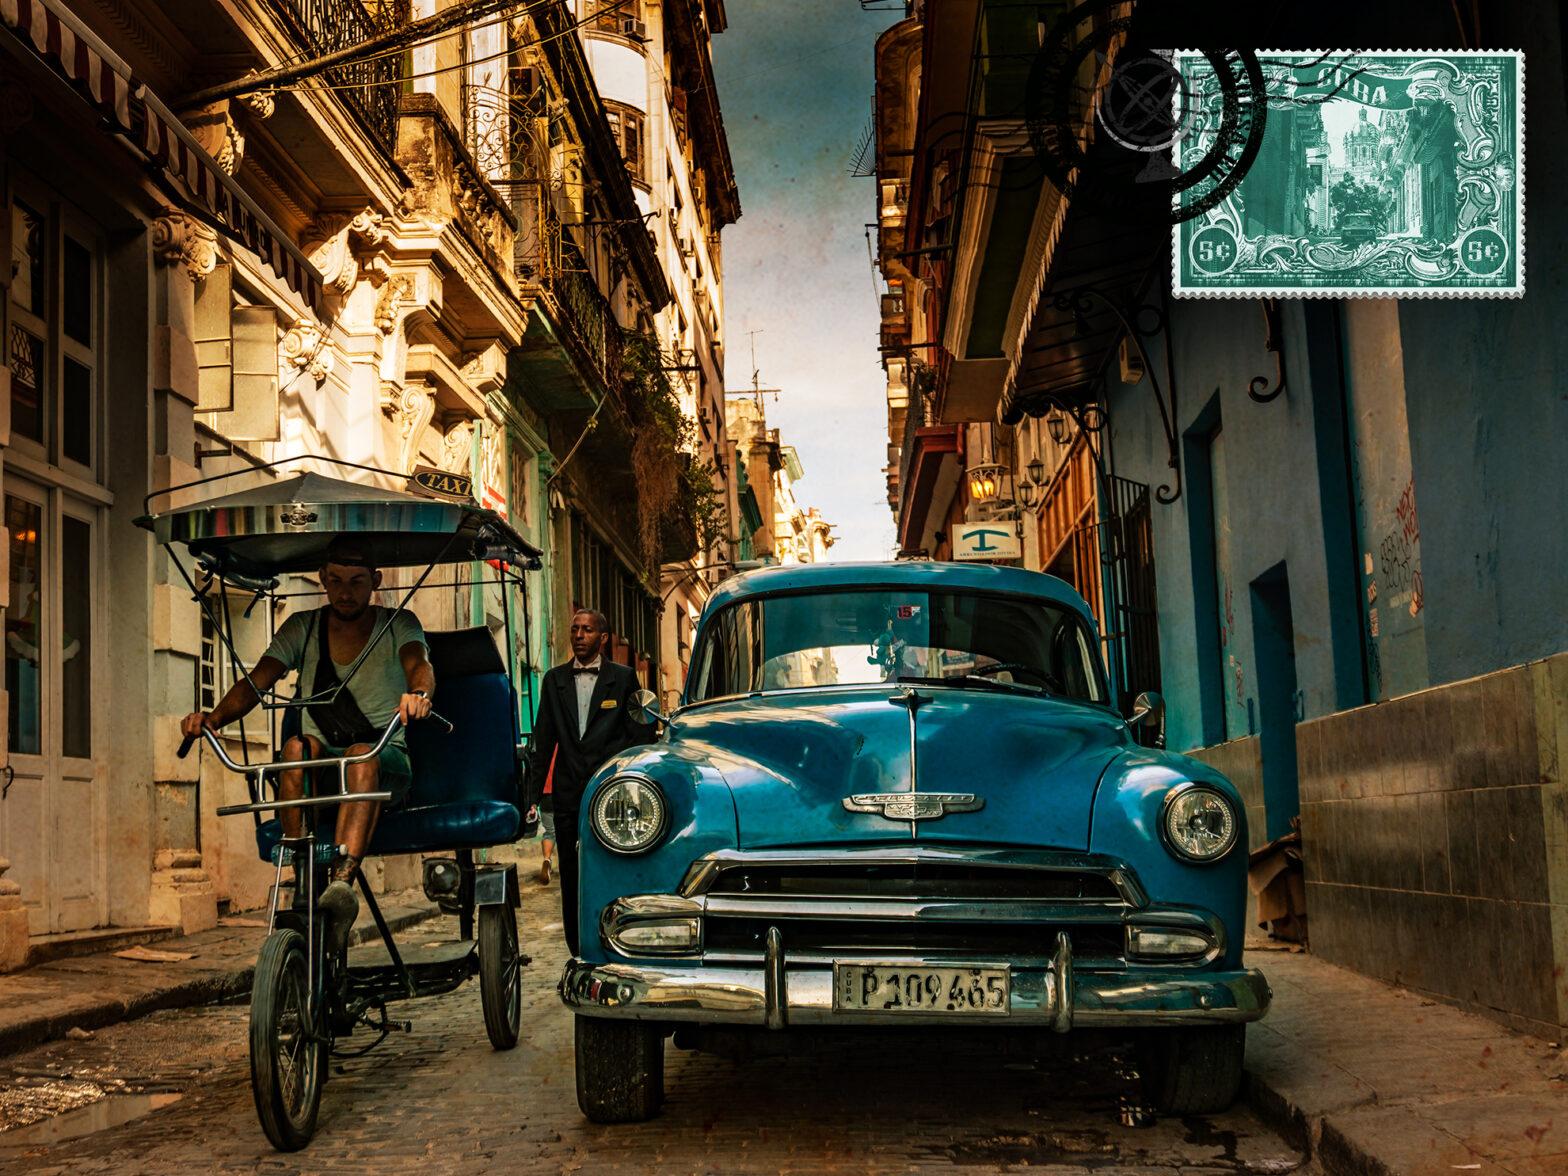 O que levei na mala para Cuba